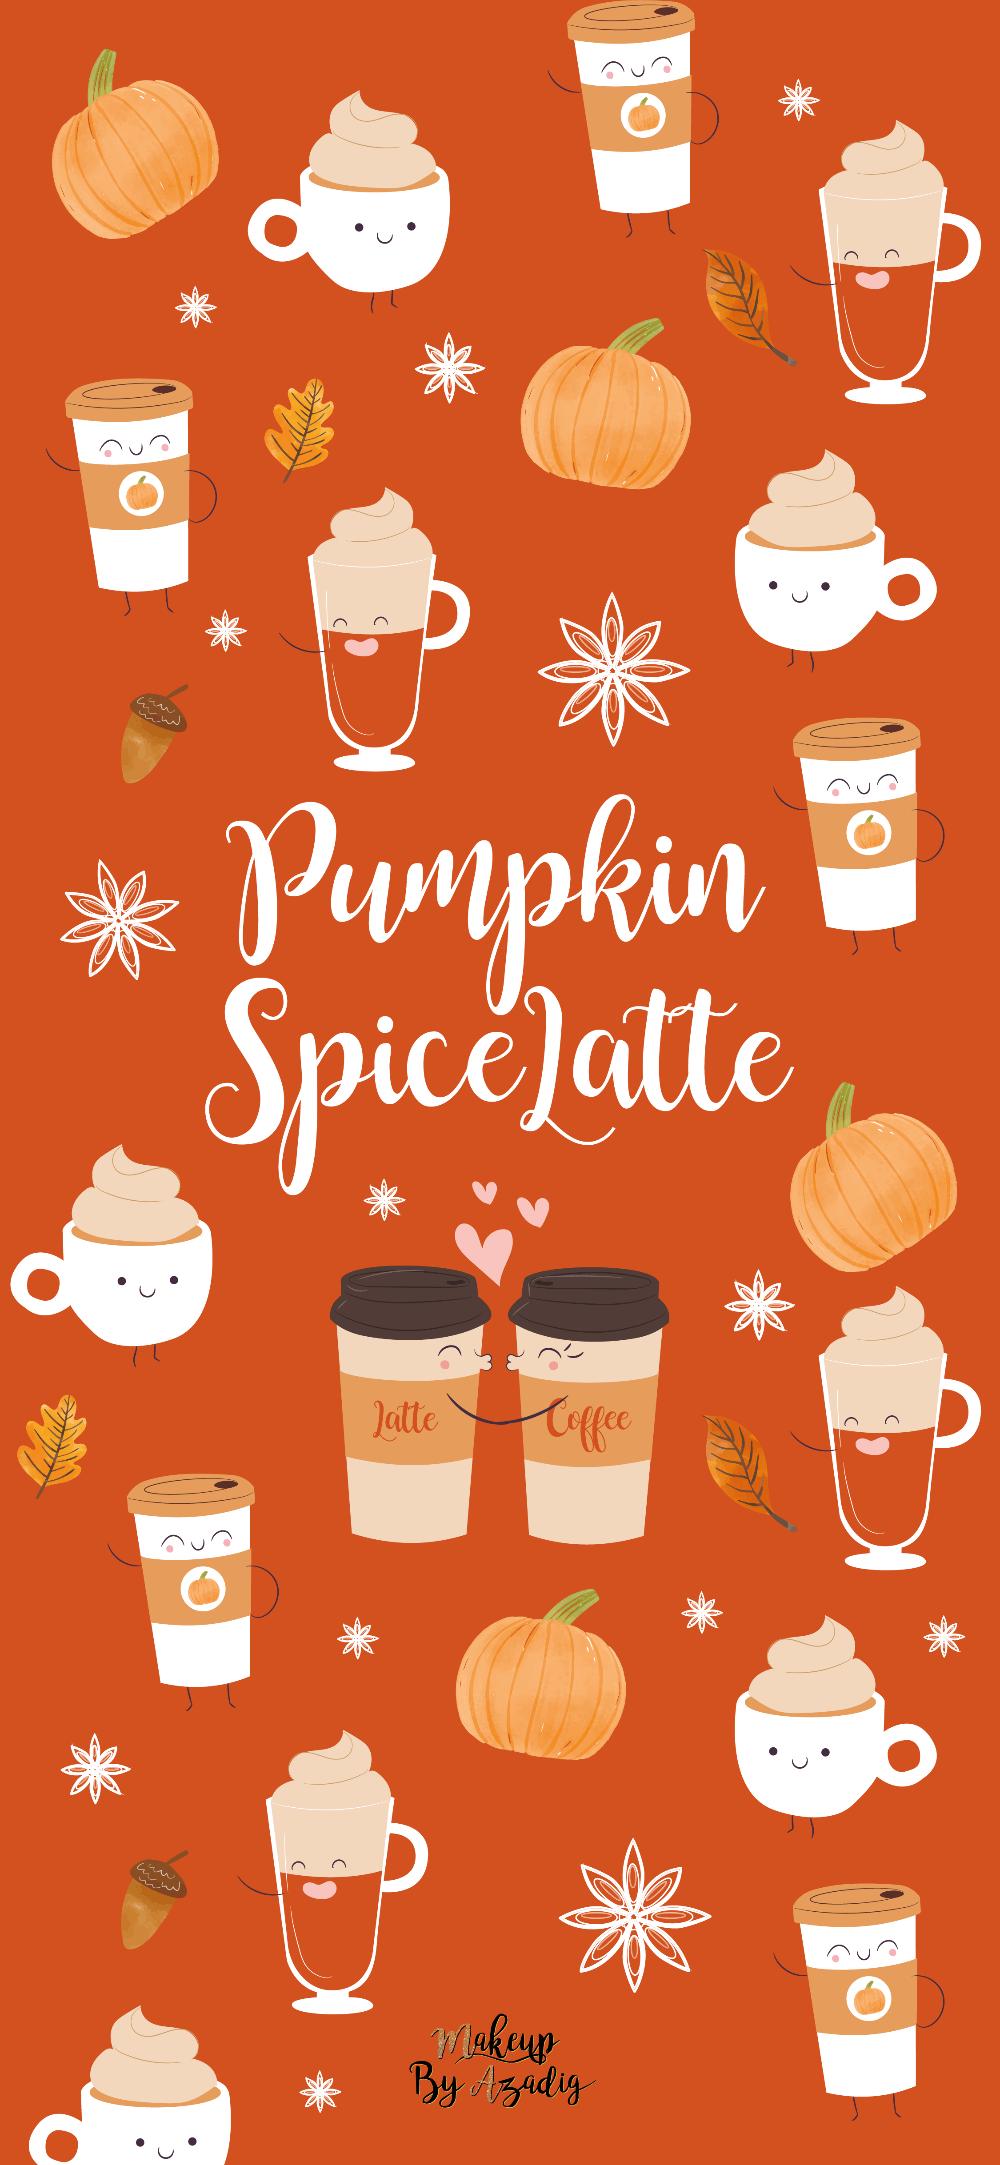 17 Fond D Ecran Pumpkin Spice Latte Wallpaper Makeupbyazadig Fond D Ecran Halloween Iphone Fond D Ecran Telephone Fond Ecran Halloween